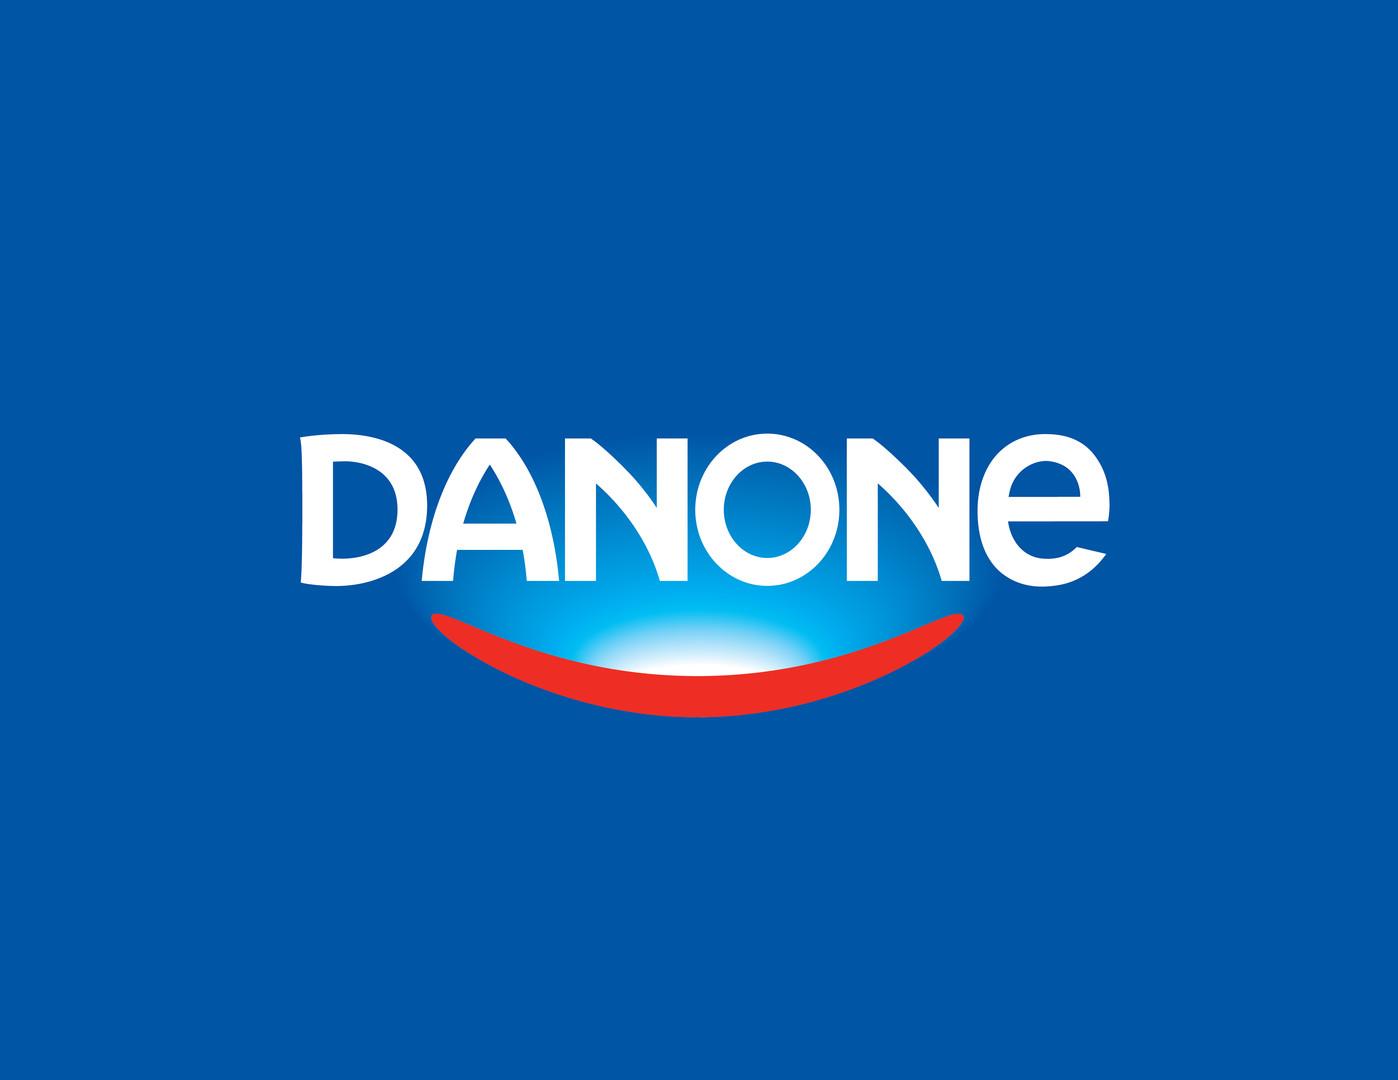 Logo-Danone-Vector2.jpg